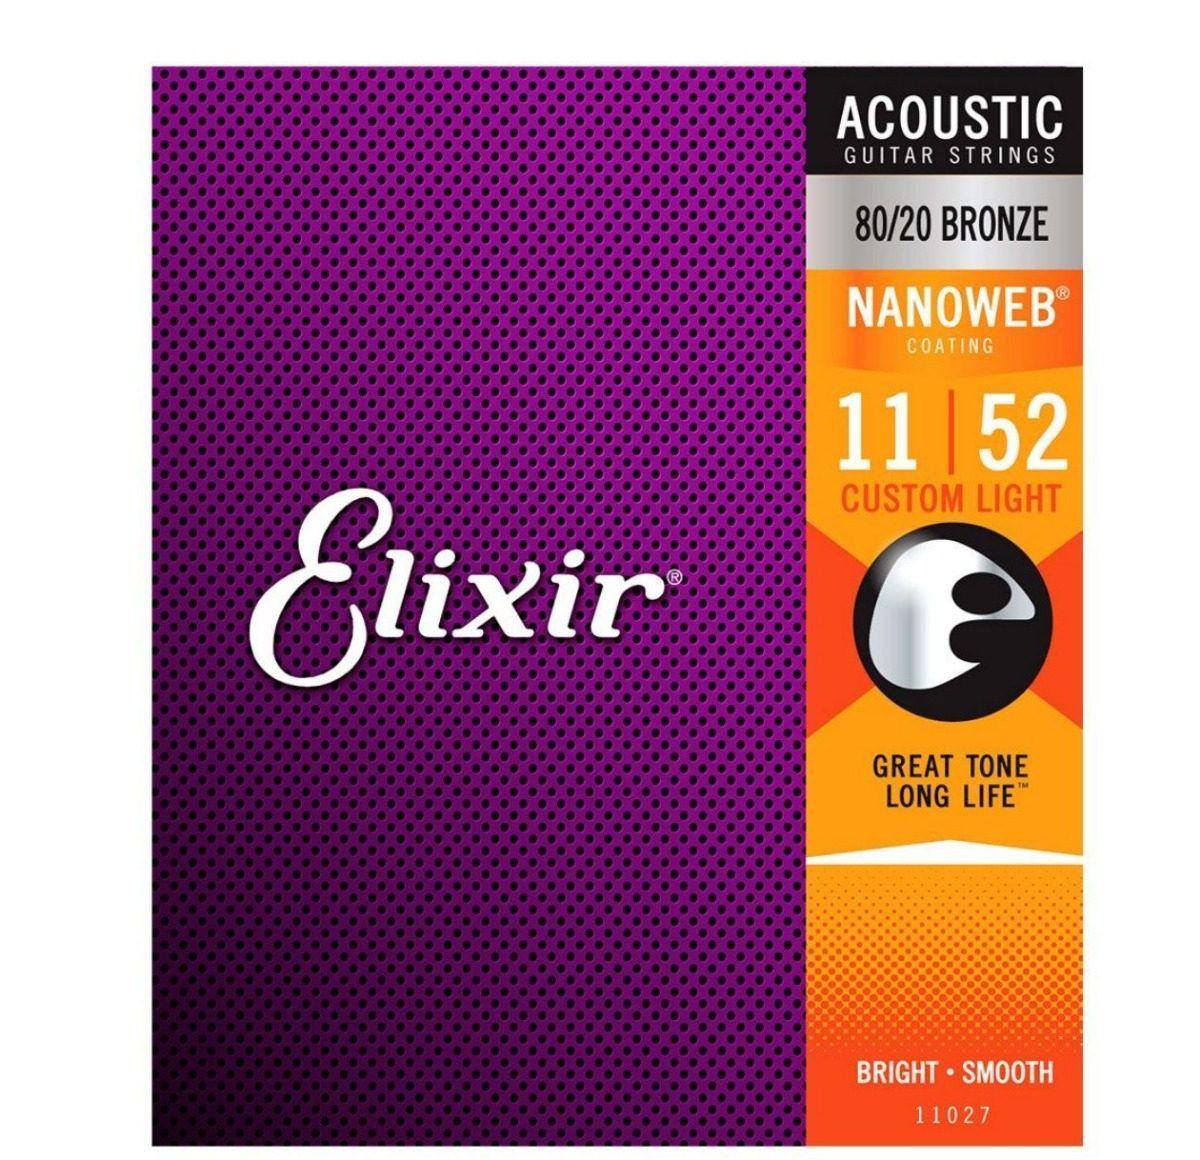 Encordoamento Elixir para Violão Aço 011 CUSTOM LIGHT - Nanoweb